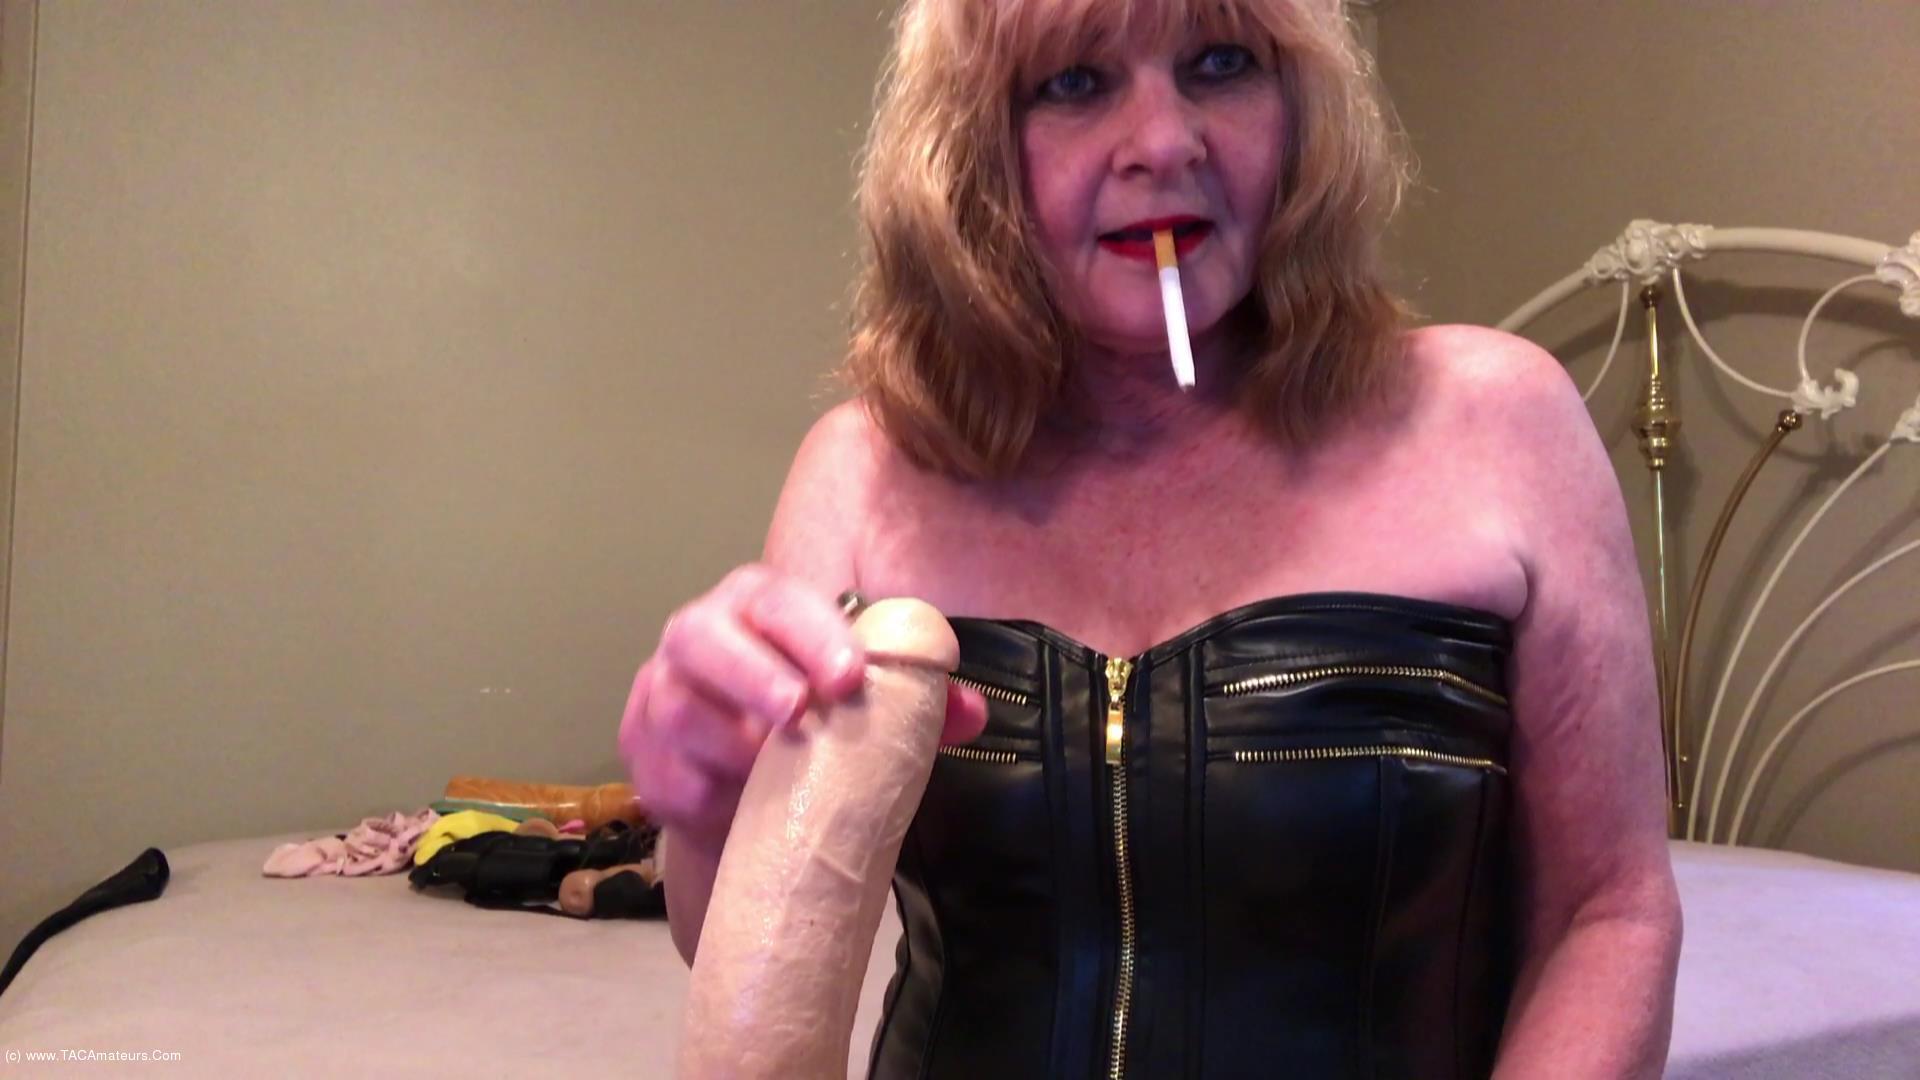 CougarBabeJolee - Masturbation Instructions While I Smoke scene 1